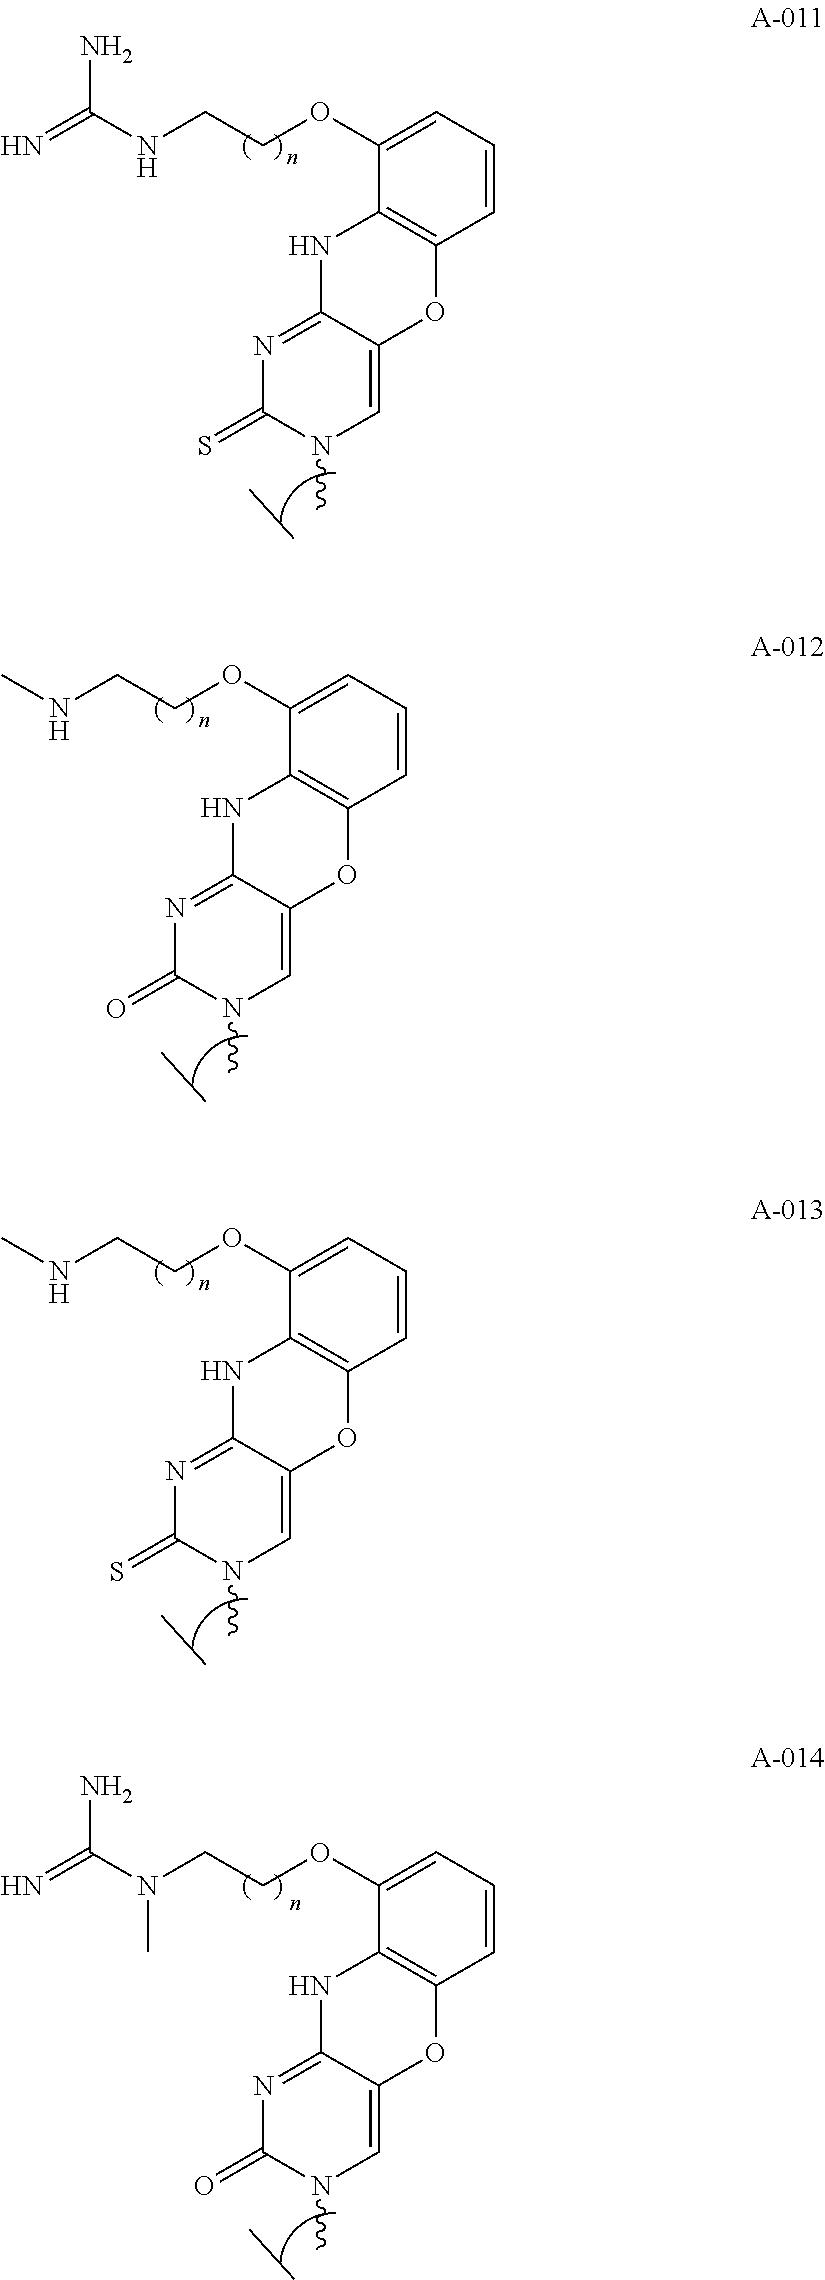 Figure US20110118339A1-20110519-C00019